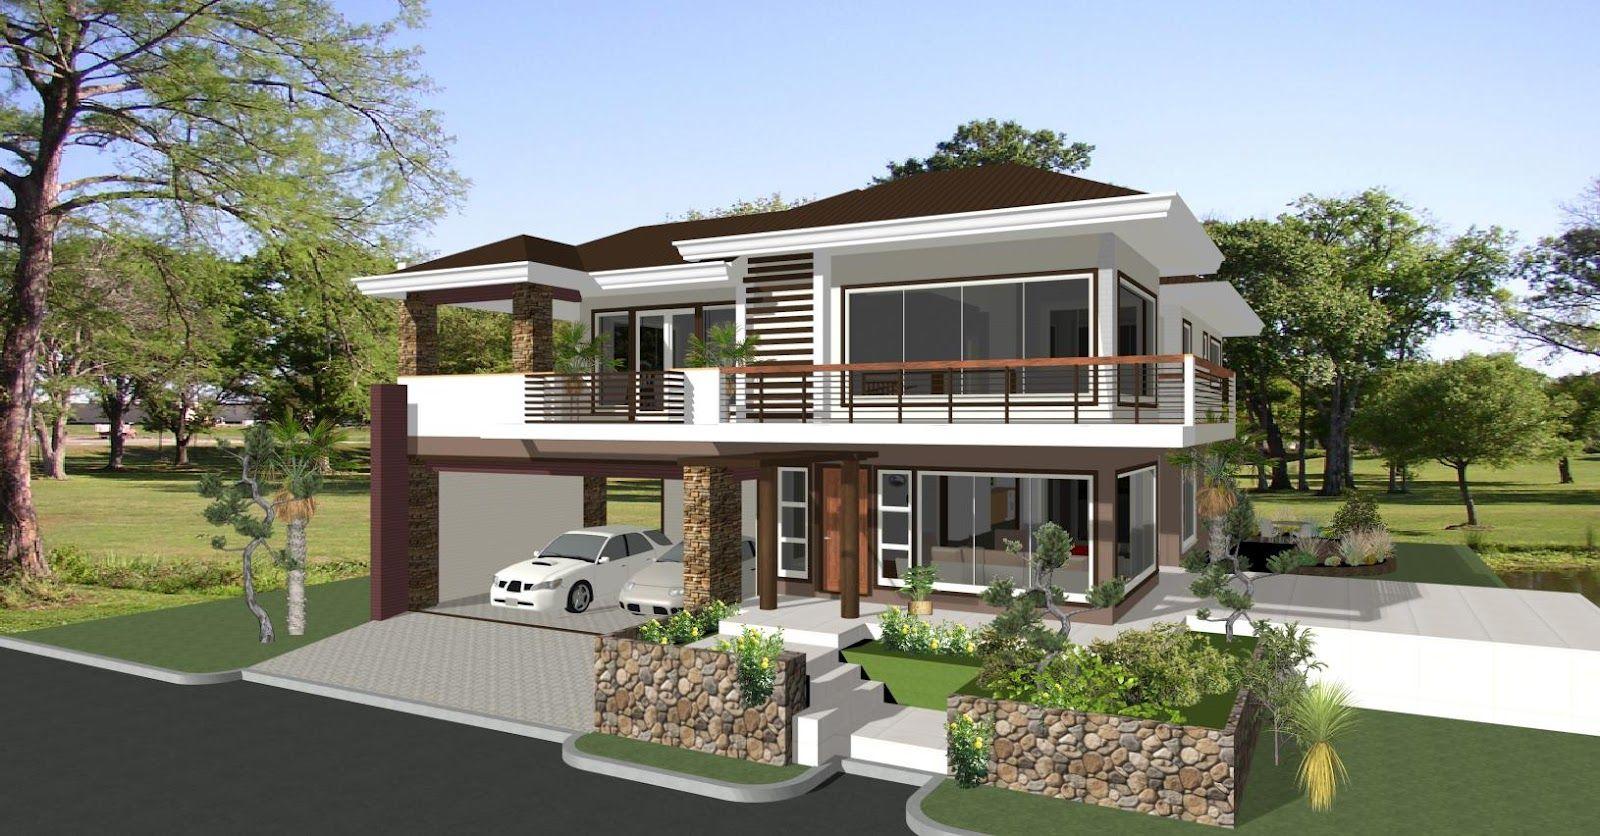 Innenfarbe im haus architektur haus design  loungemöbel  loungemöbel  pinterest